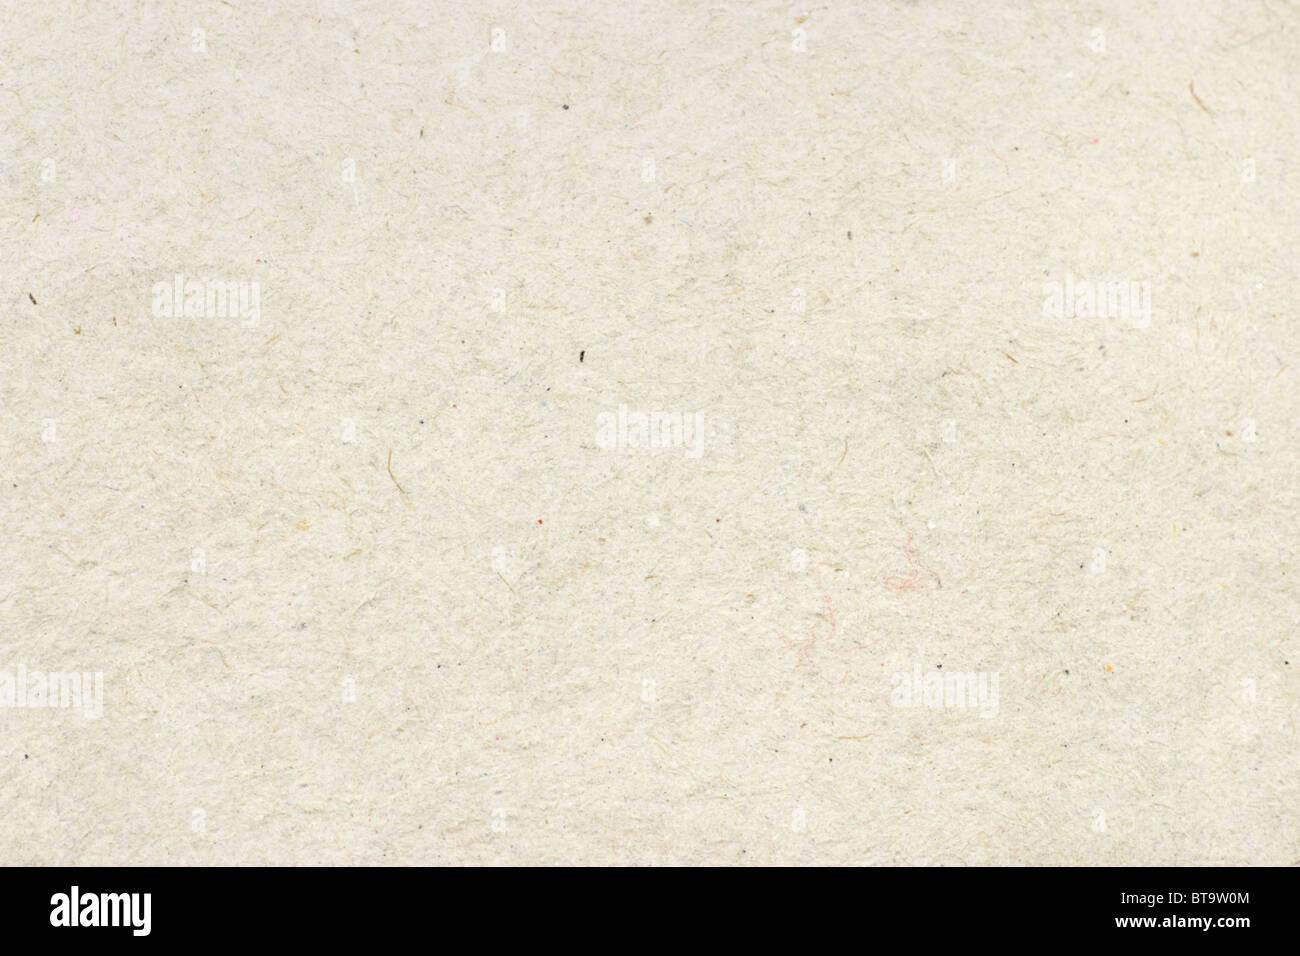 Fermé de papier recyclé carton surface texture background Photo Stock